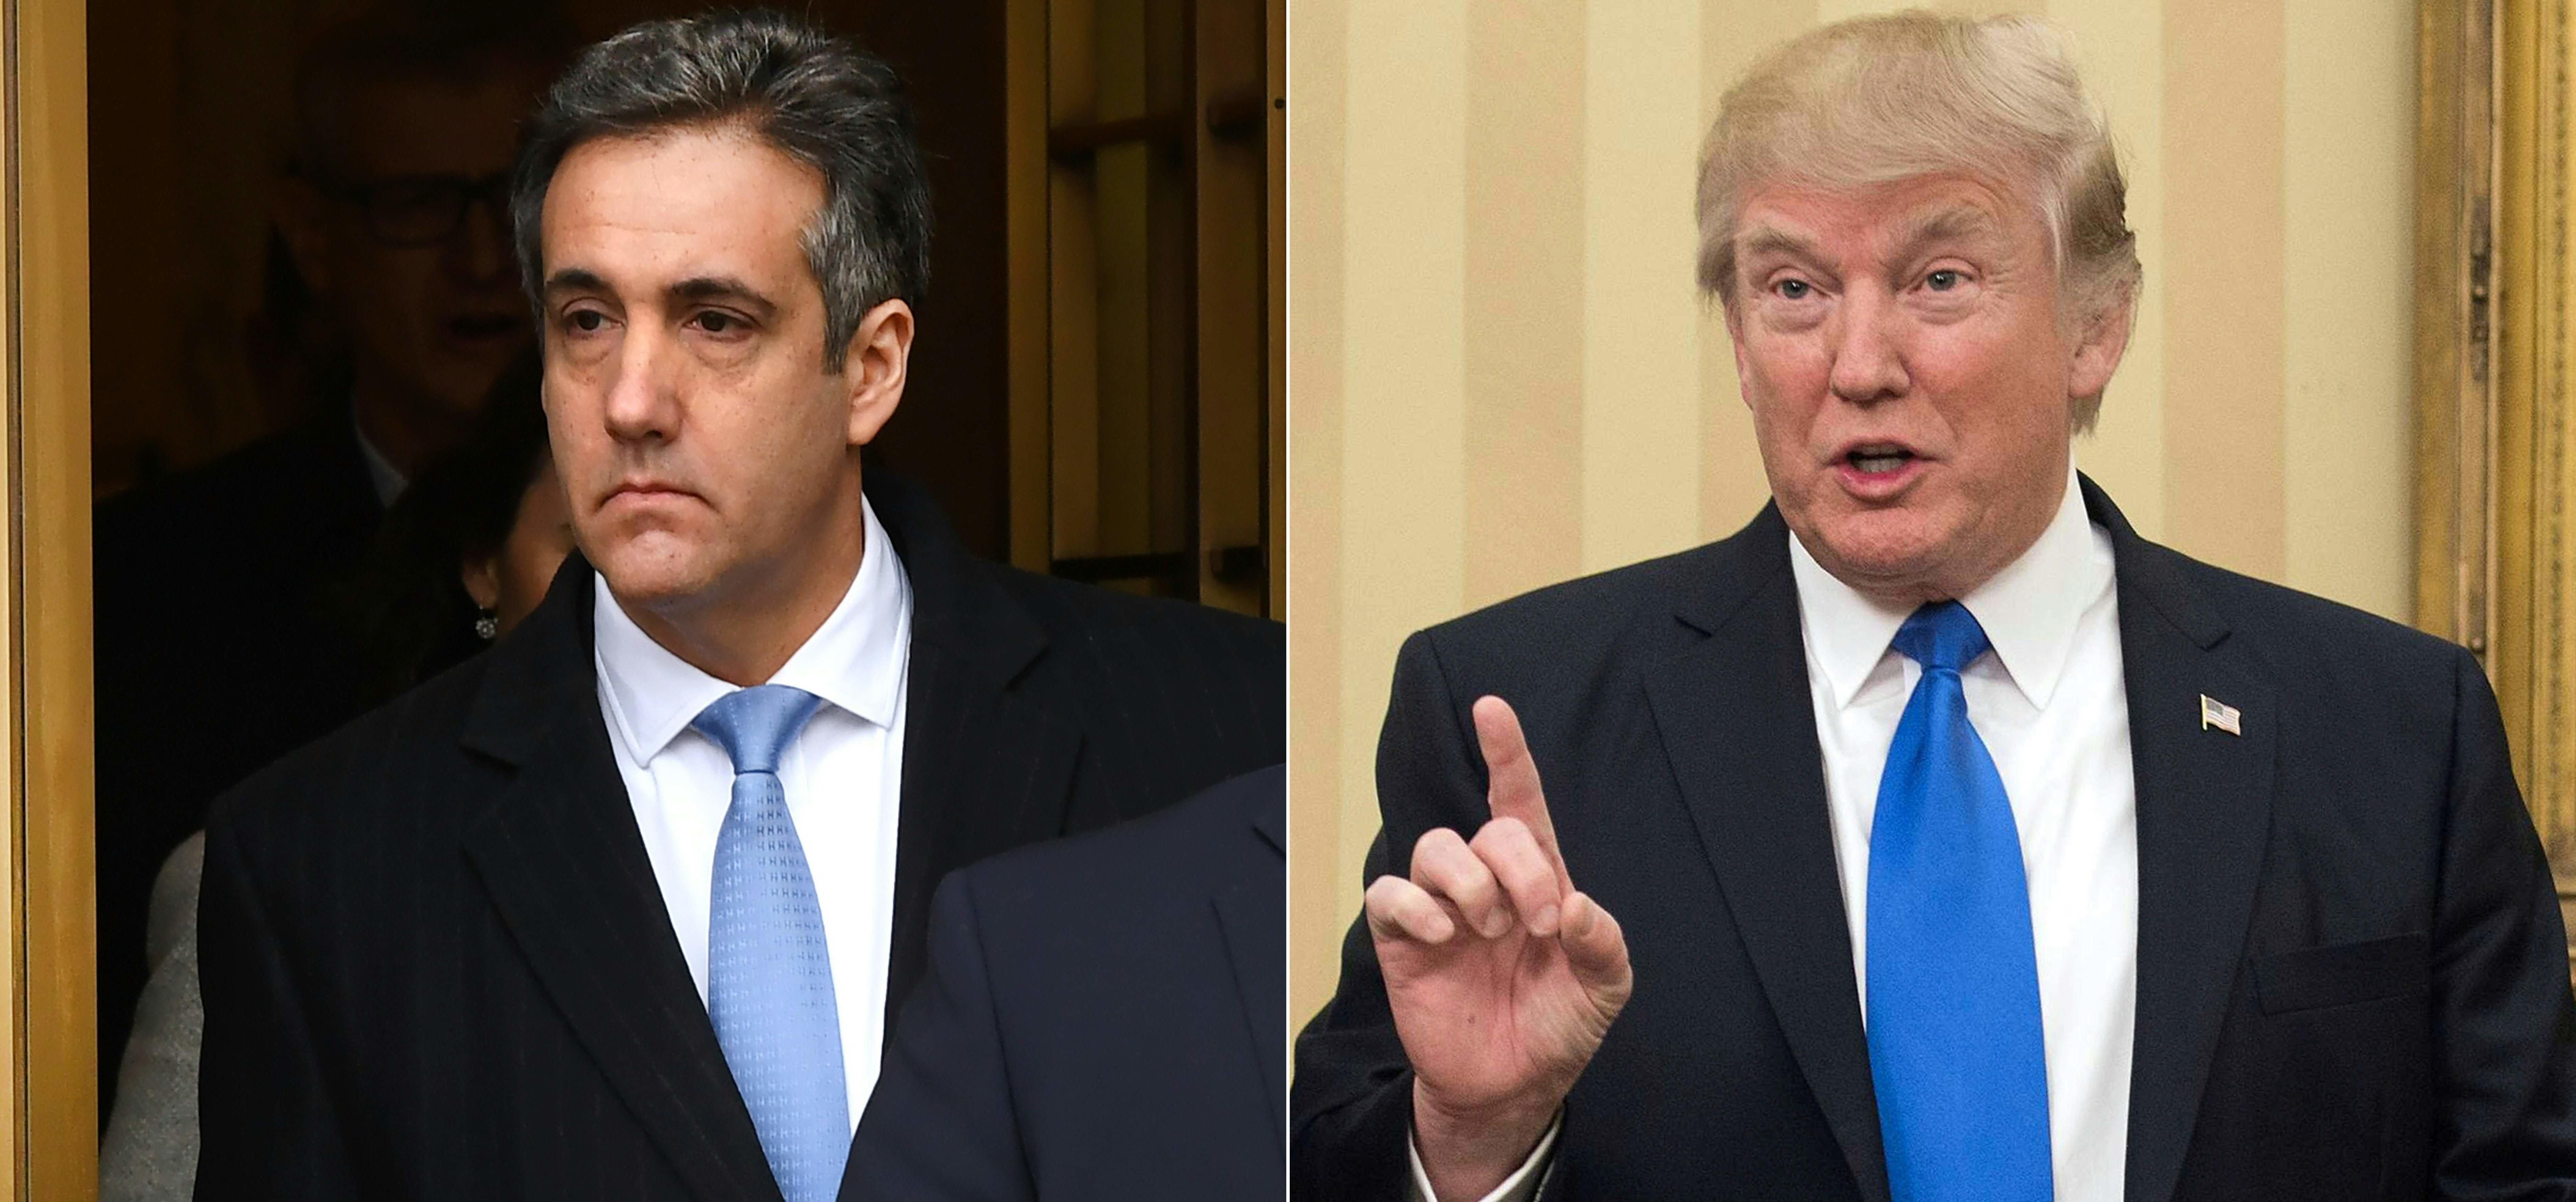 トランプ大統領とトランプ大統領の元顧問弁護士マイケル・コーエン氏